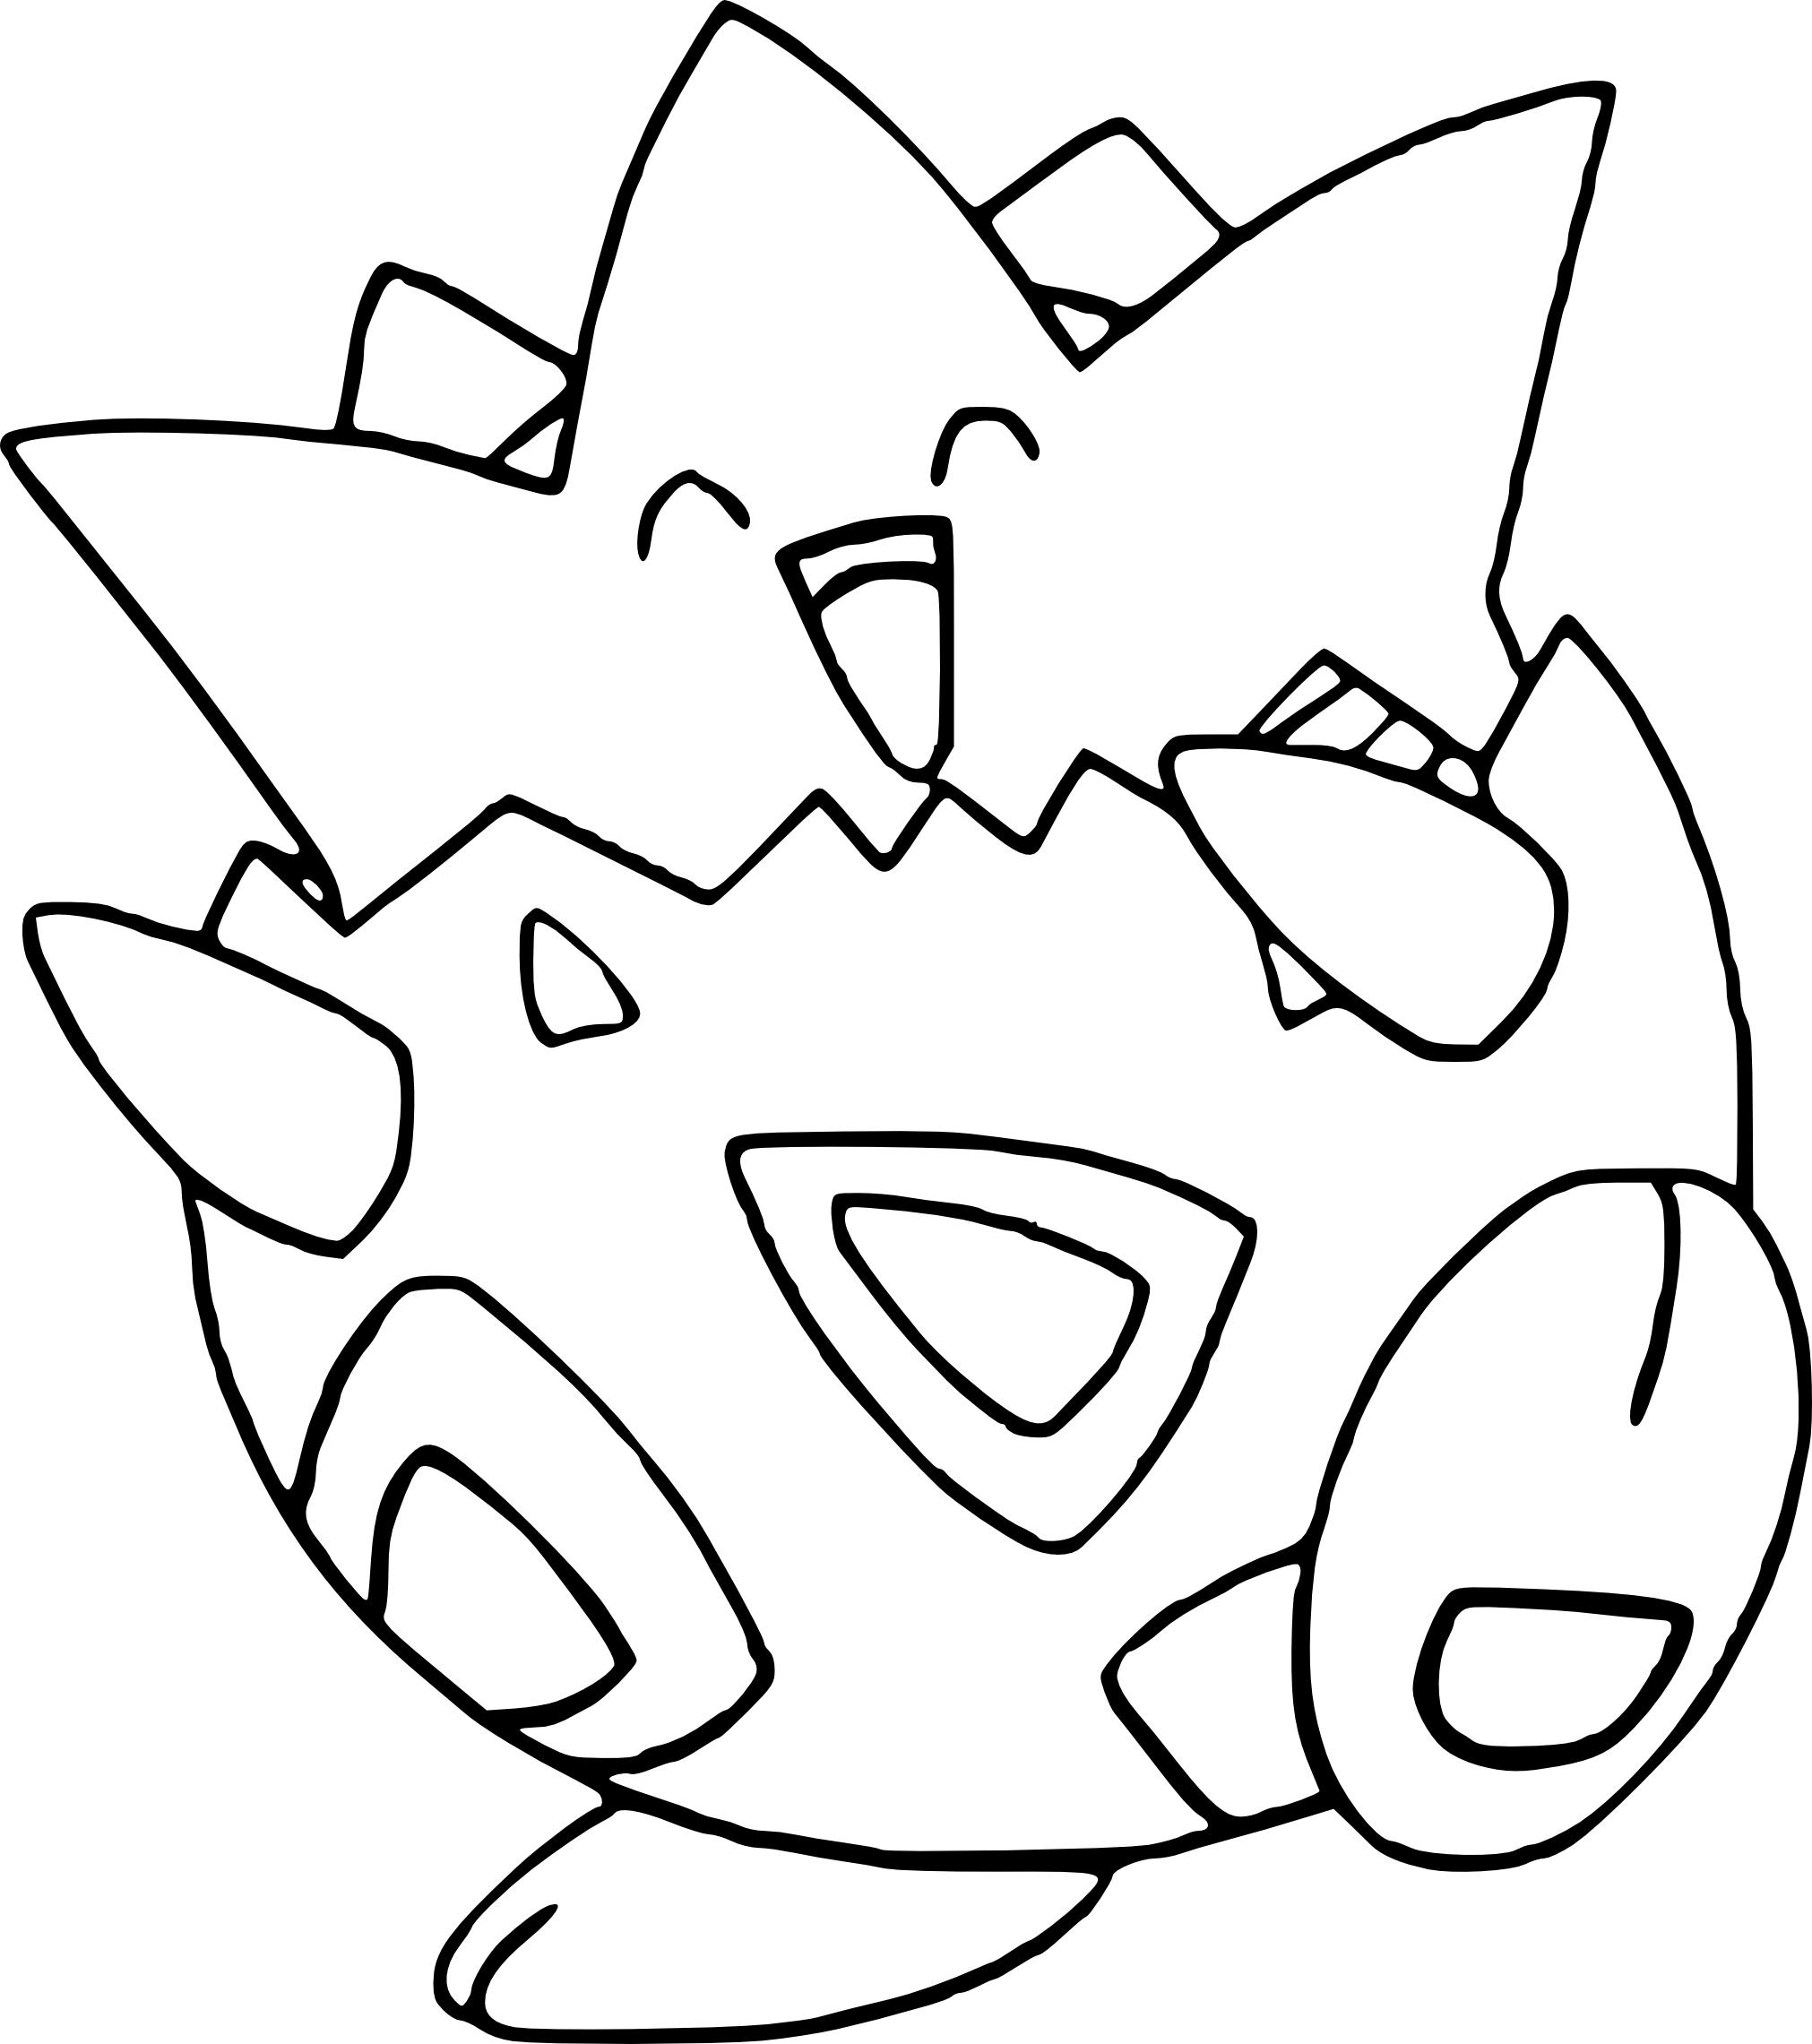 Coloriage togepi pokemon imprimer - Dessin pokemon a imprimer ...